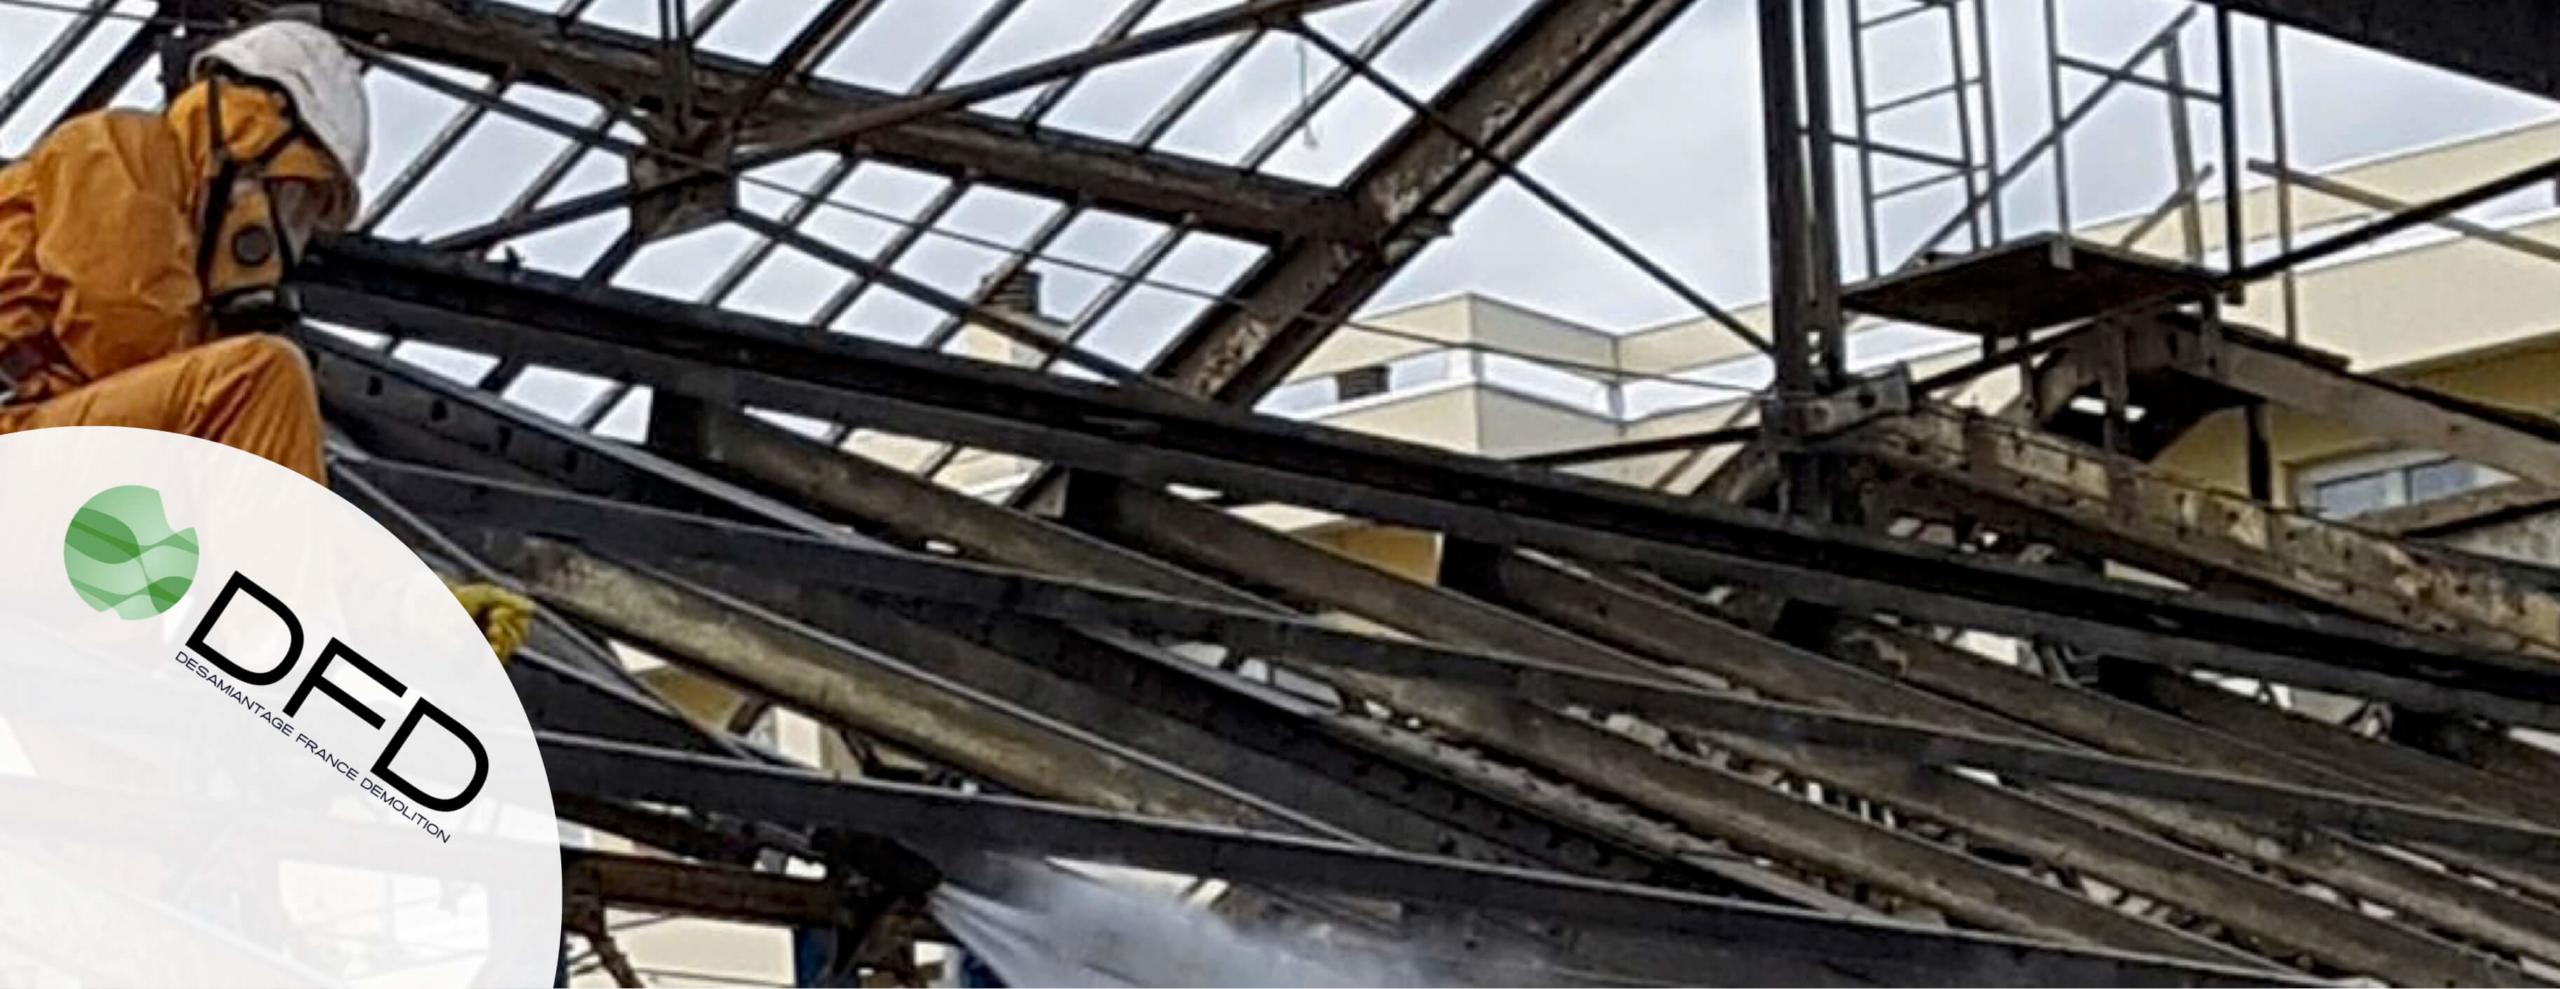 Déplombage de la charpente métallique Halle Berliet – Lyon